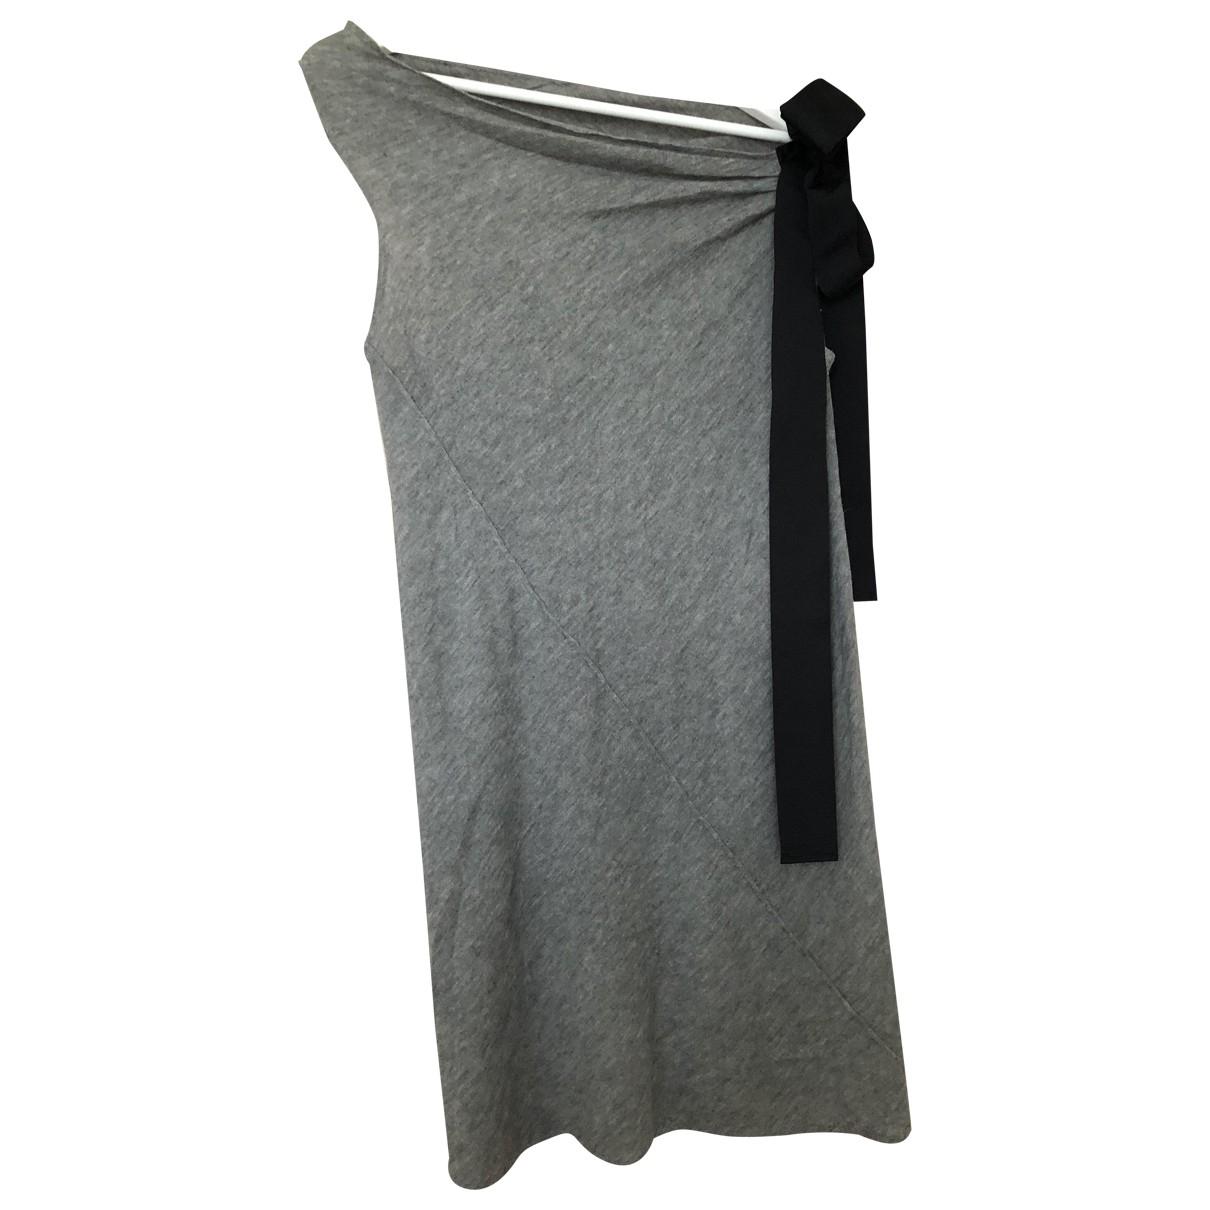 D&g \N Kleid in  Grau Wolle